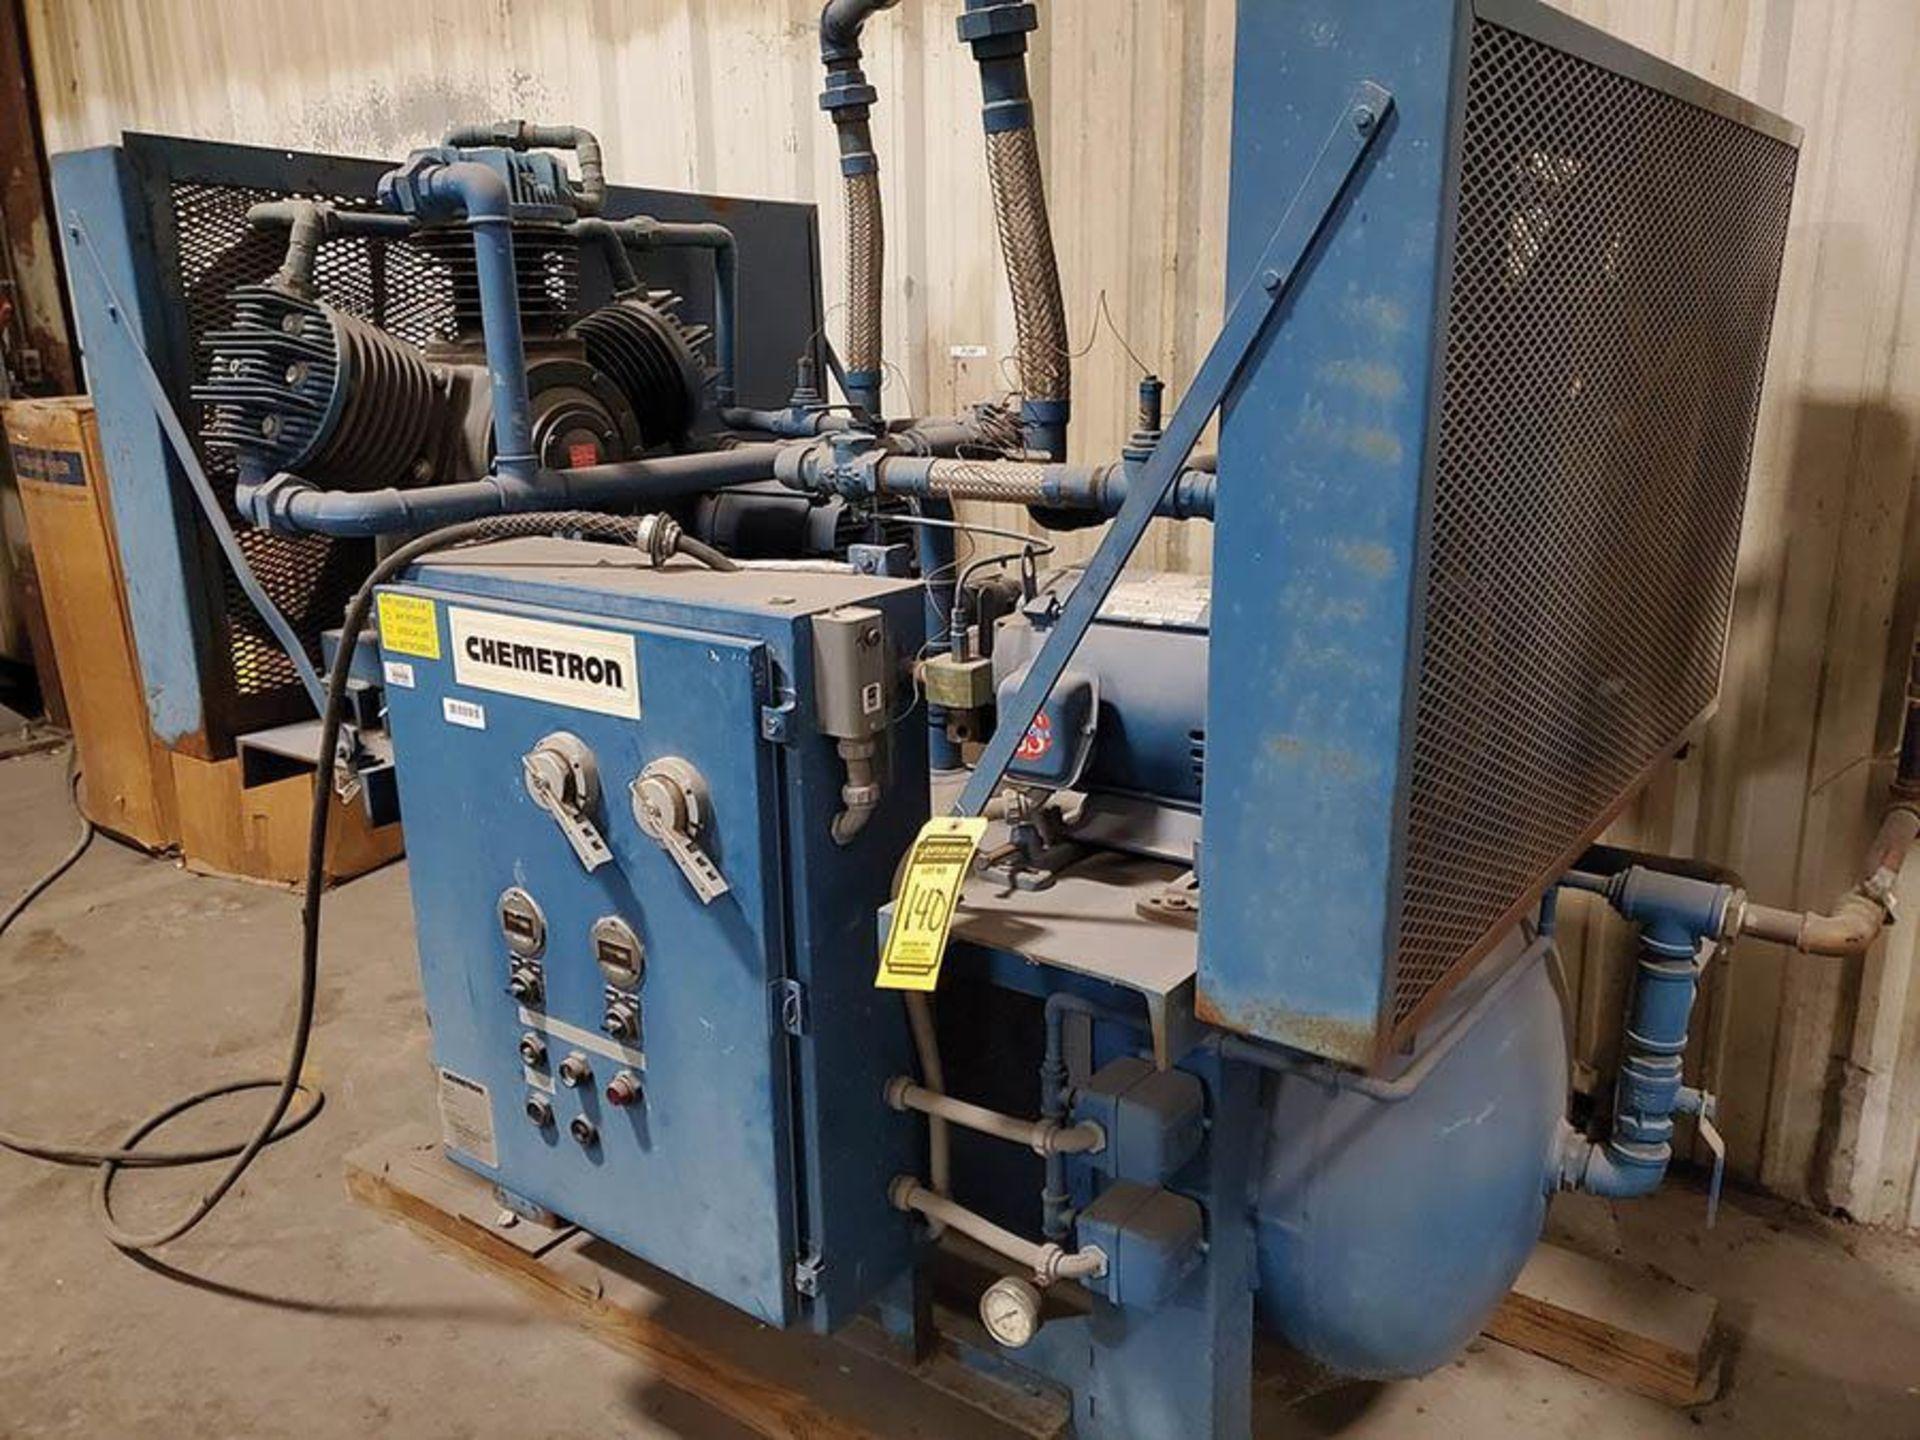 CHEMETRON MEDICAL AIR COMPRESSOR, MODEL 2KT40-10, 10 HP, 6 CYLINDER - Image 8 of 8